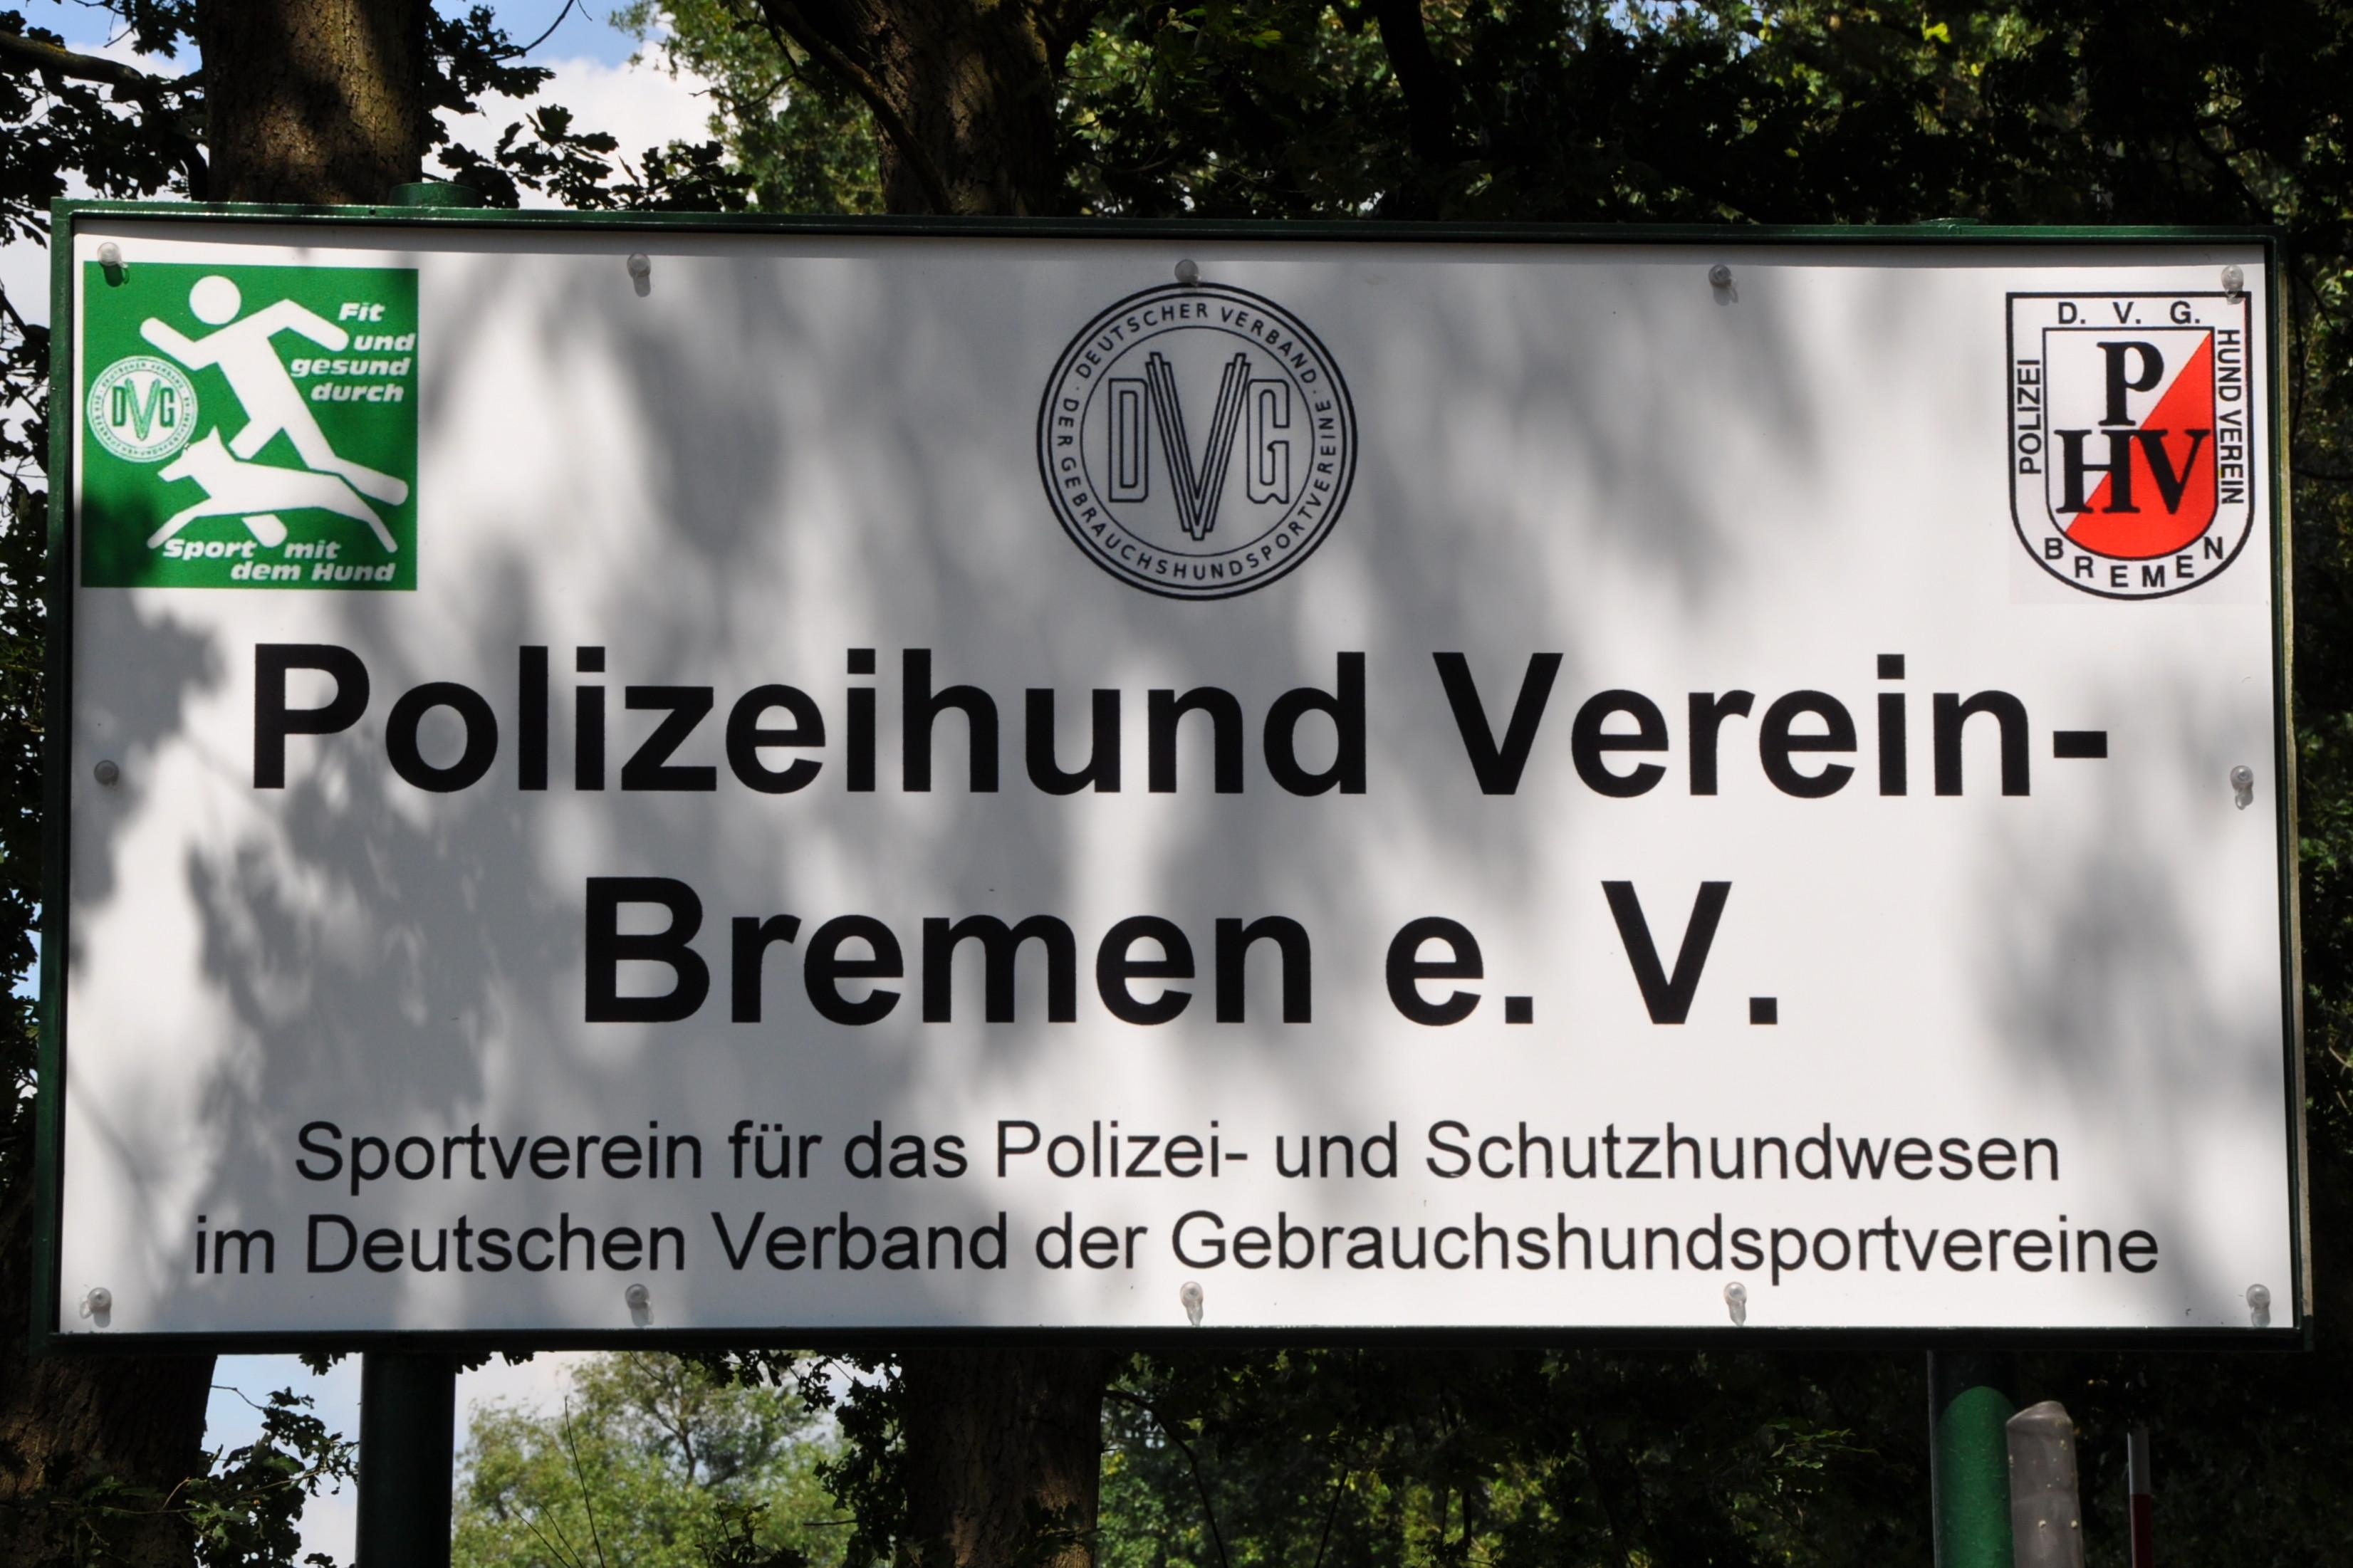 Polizei Hund Verein Bremen e.V.